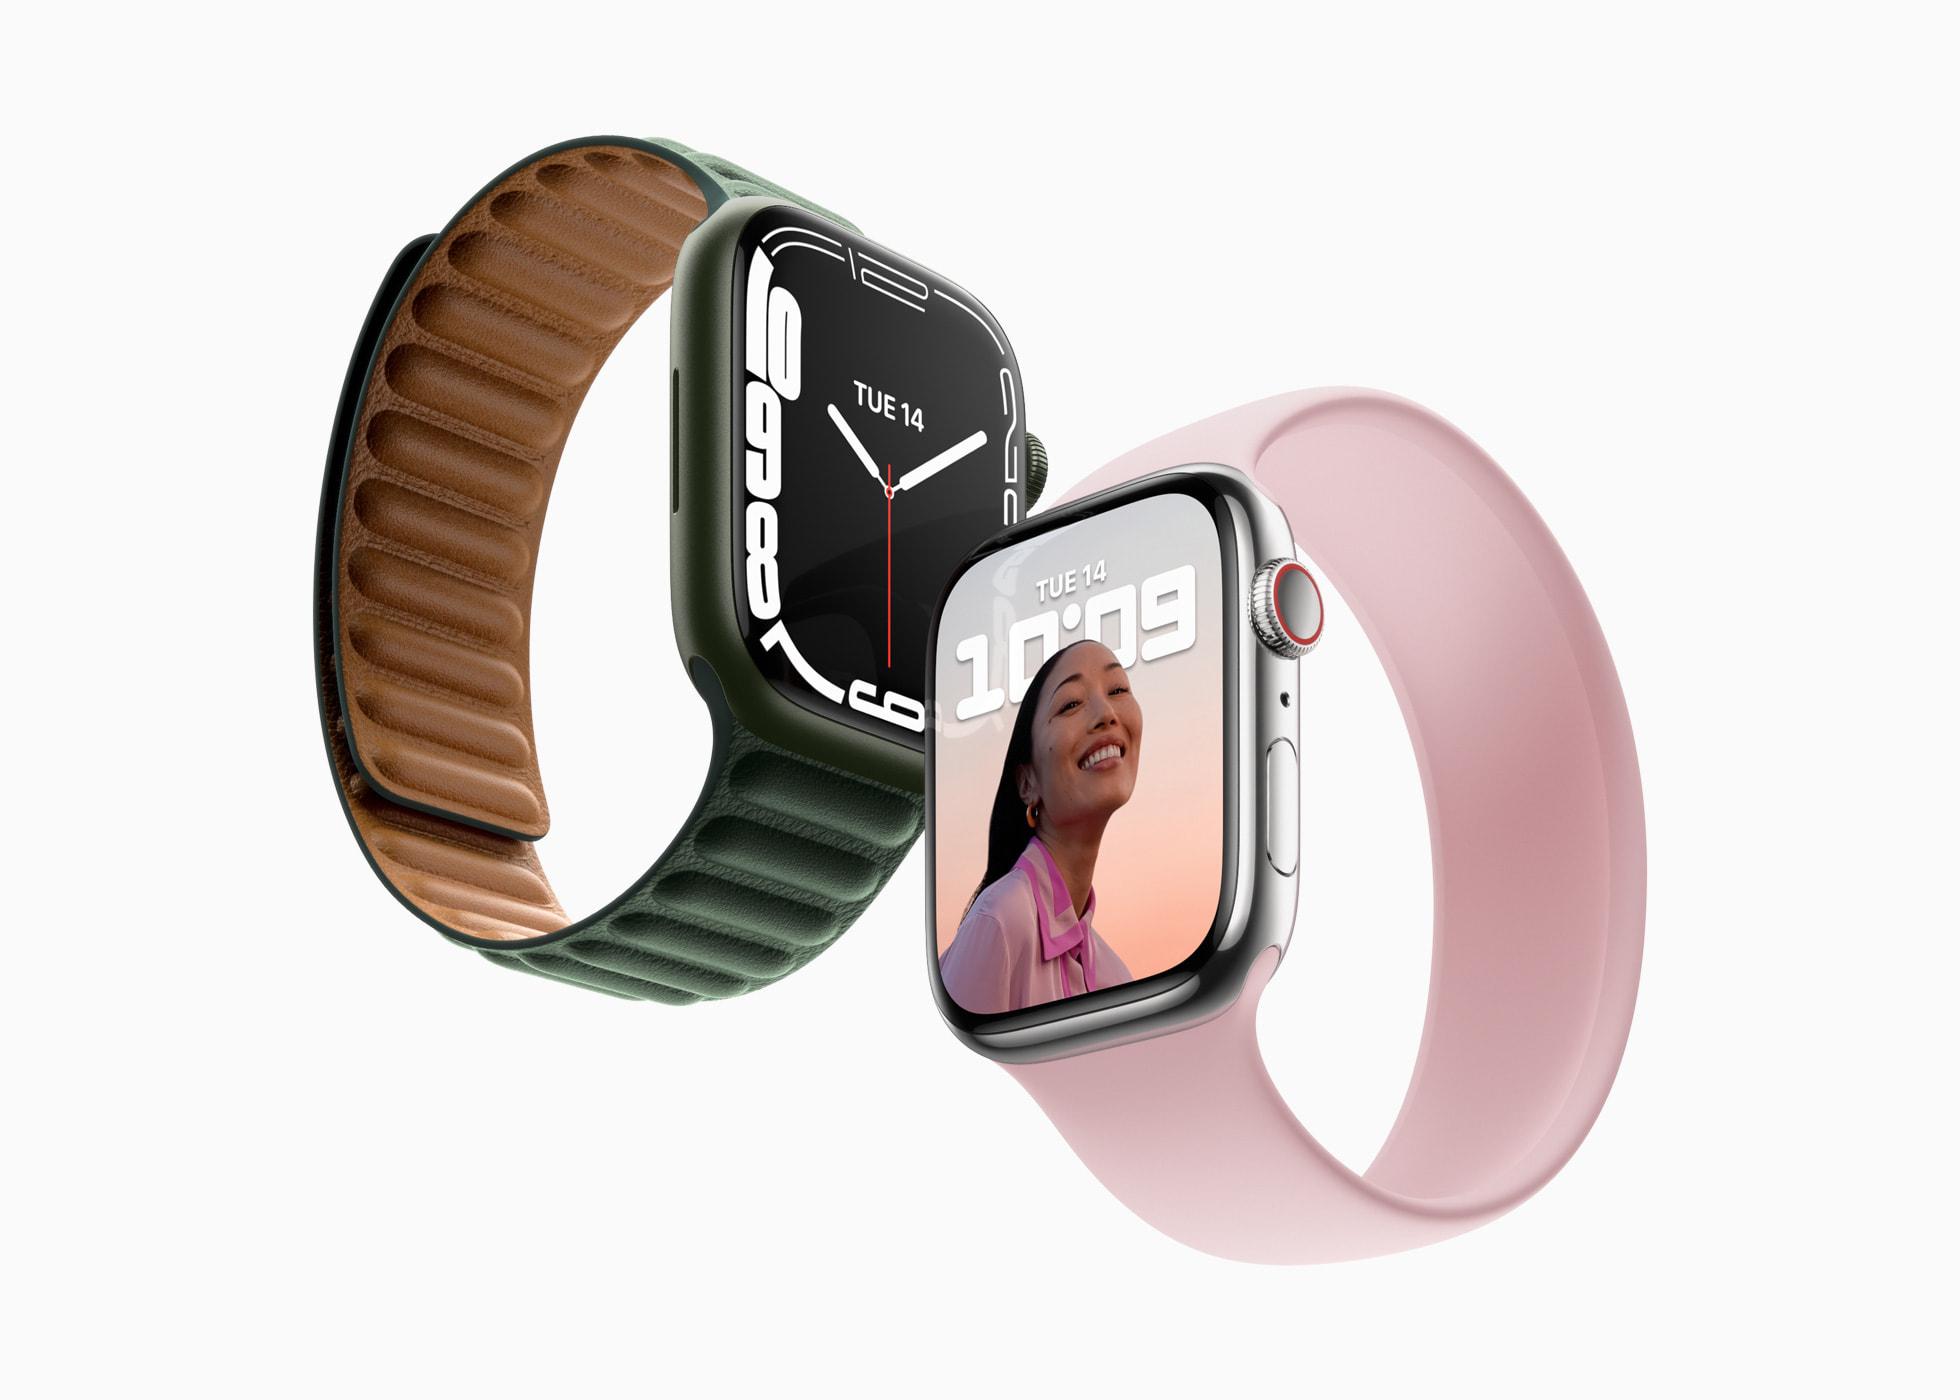 Apple watch-series7 hero 09142021 big.jpg.large 2x copy